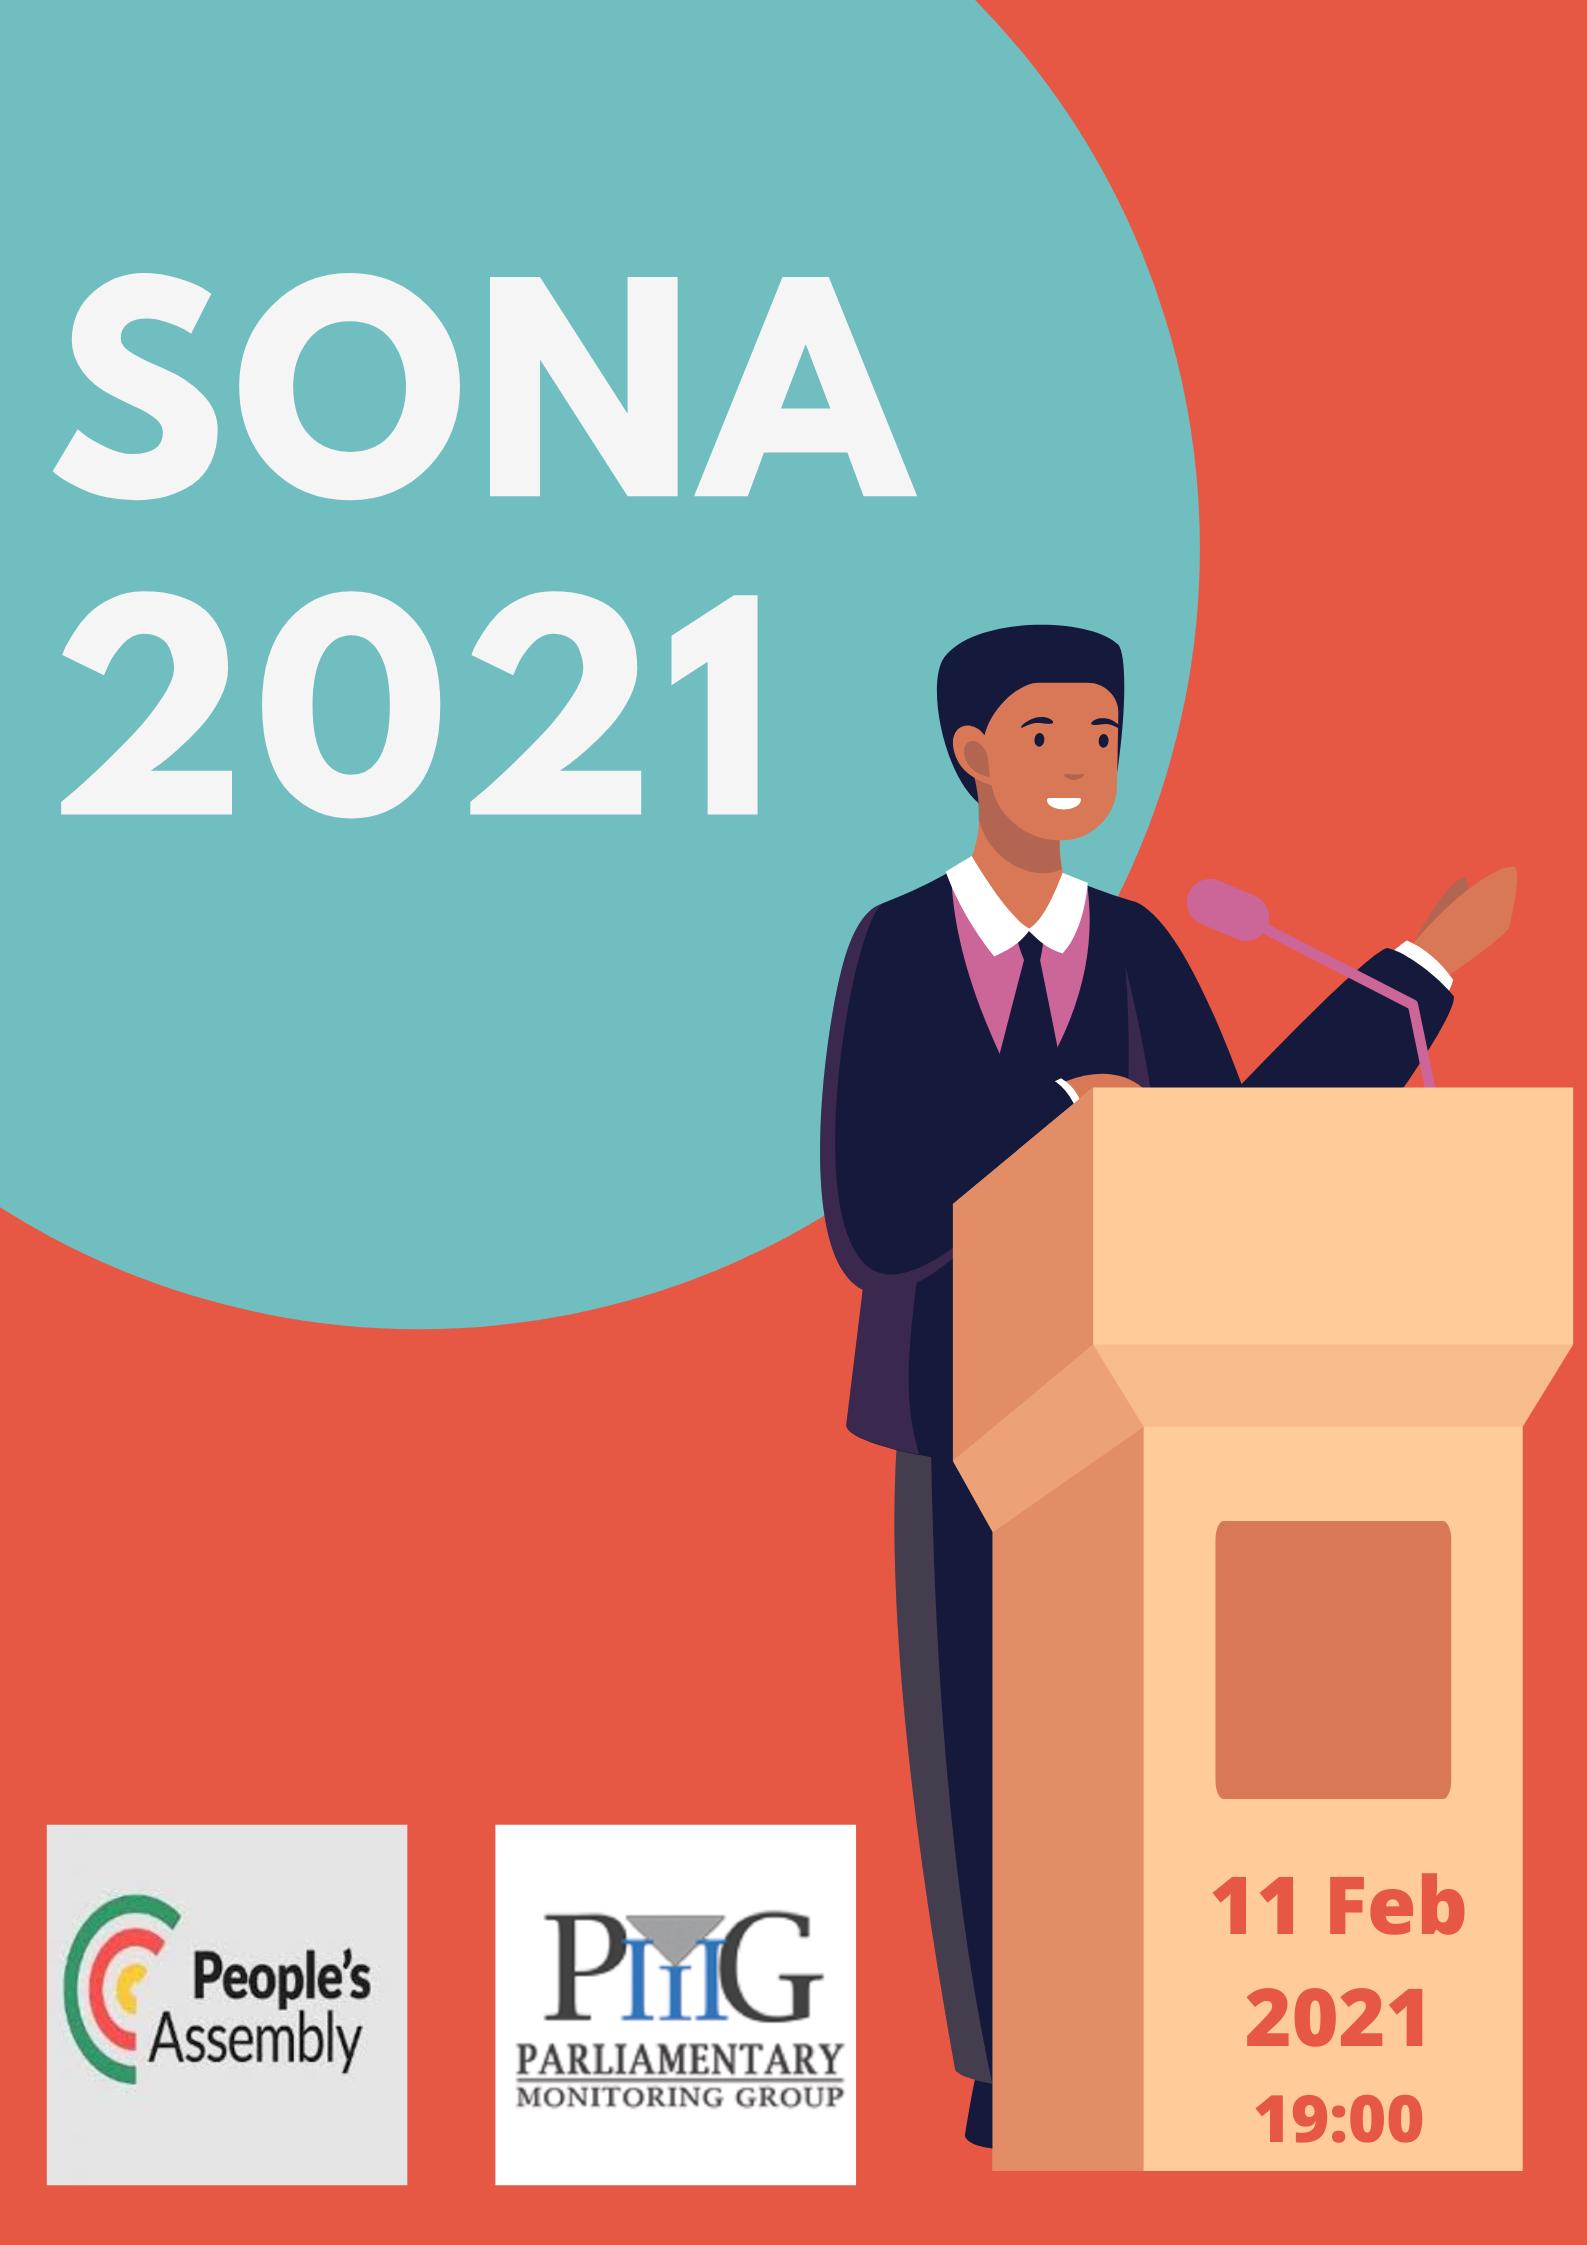 SONA2021